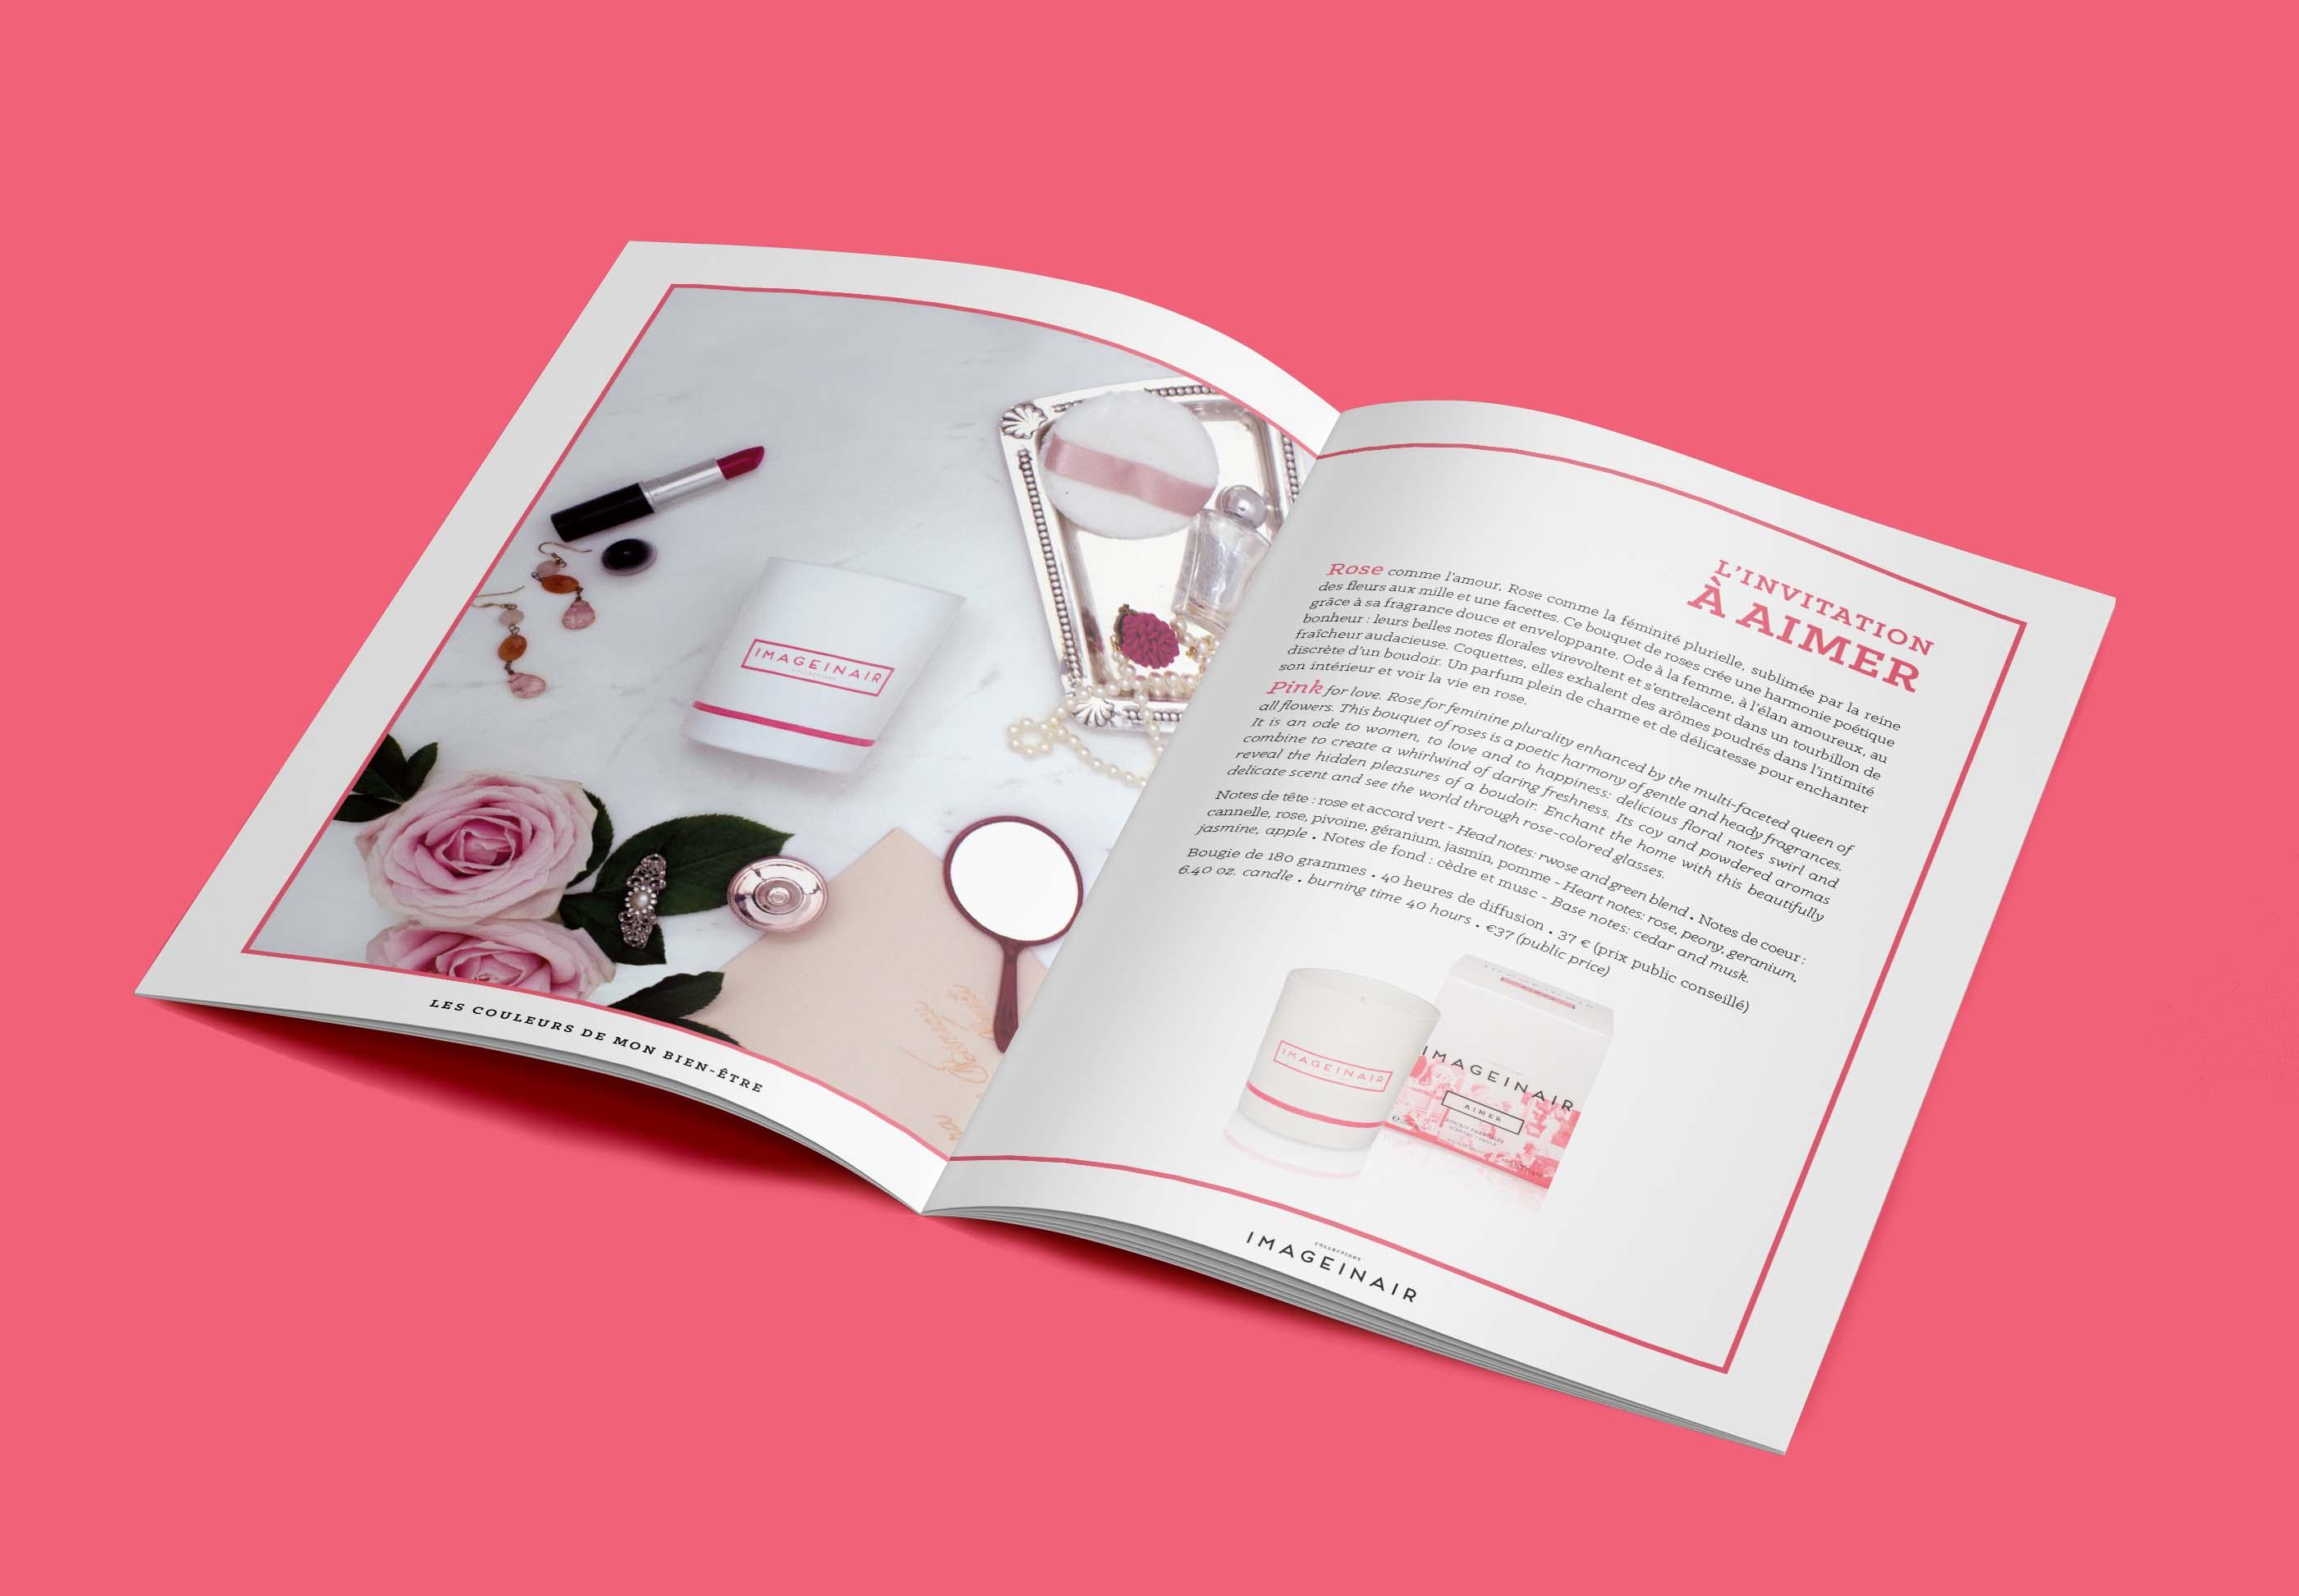 AIMER-Imageinair Paris bougies - création Dossier de Presse Brochure 1703- FACTORY